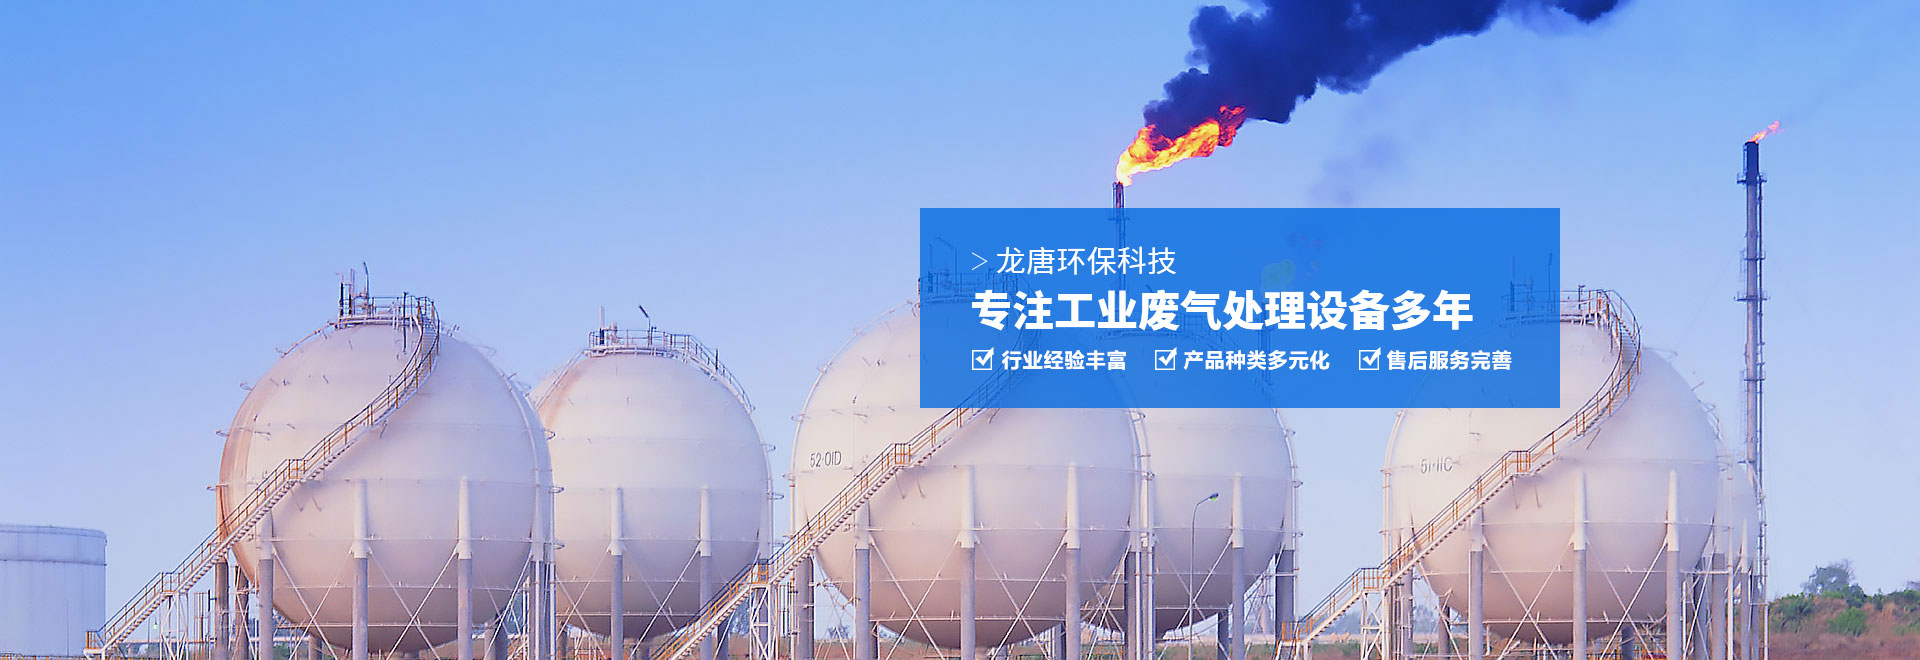 重庆有机废气治理设备